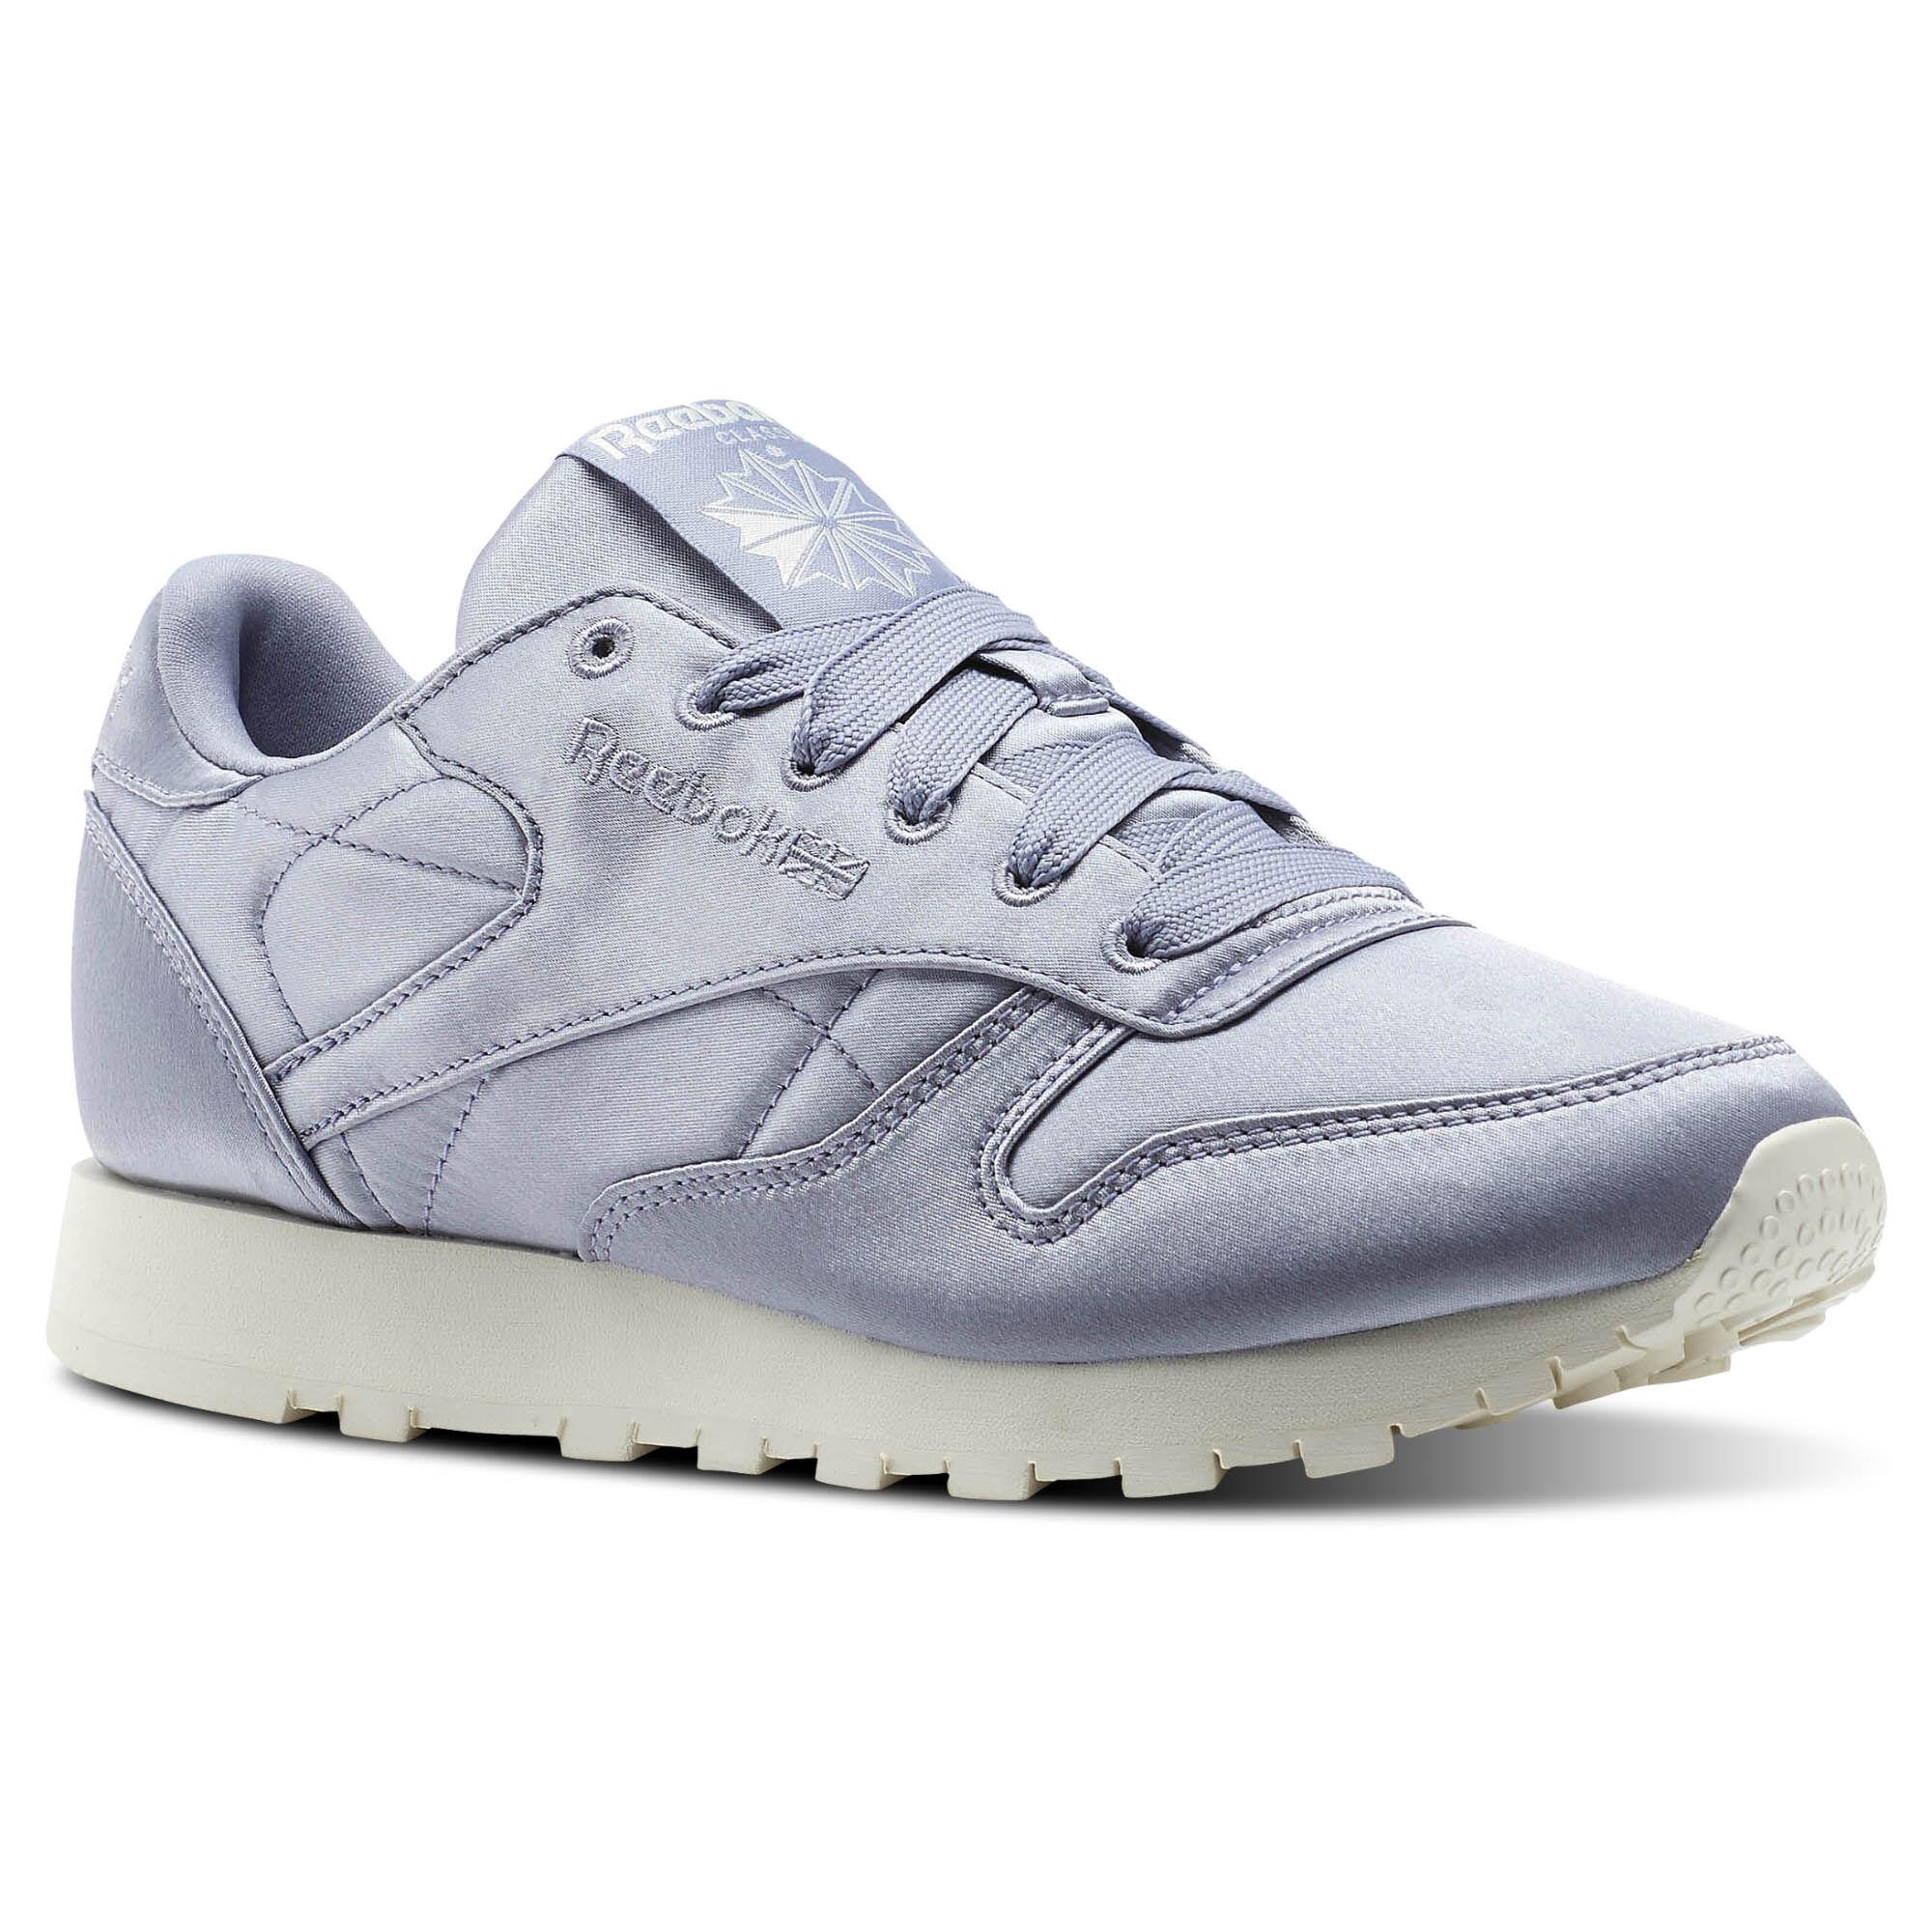 Schuhe Reebok - Cl Lthr Satin CM9801 Purple Fog/Classic Wht 3mGlCYR7